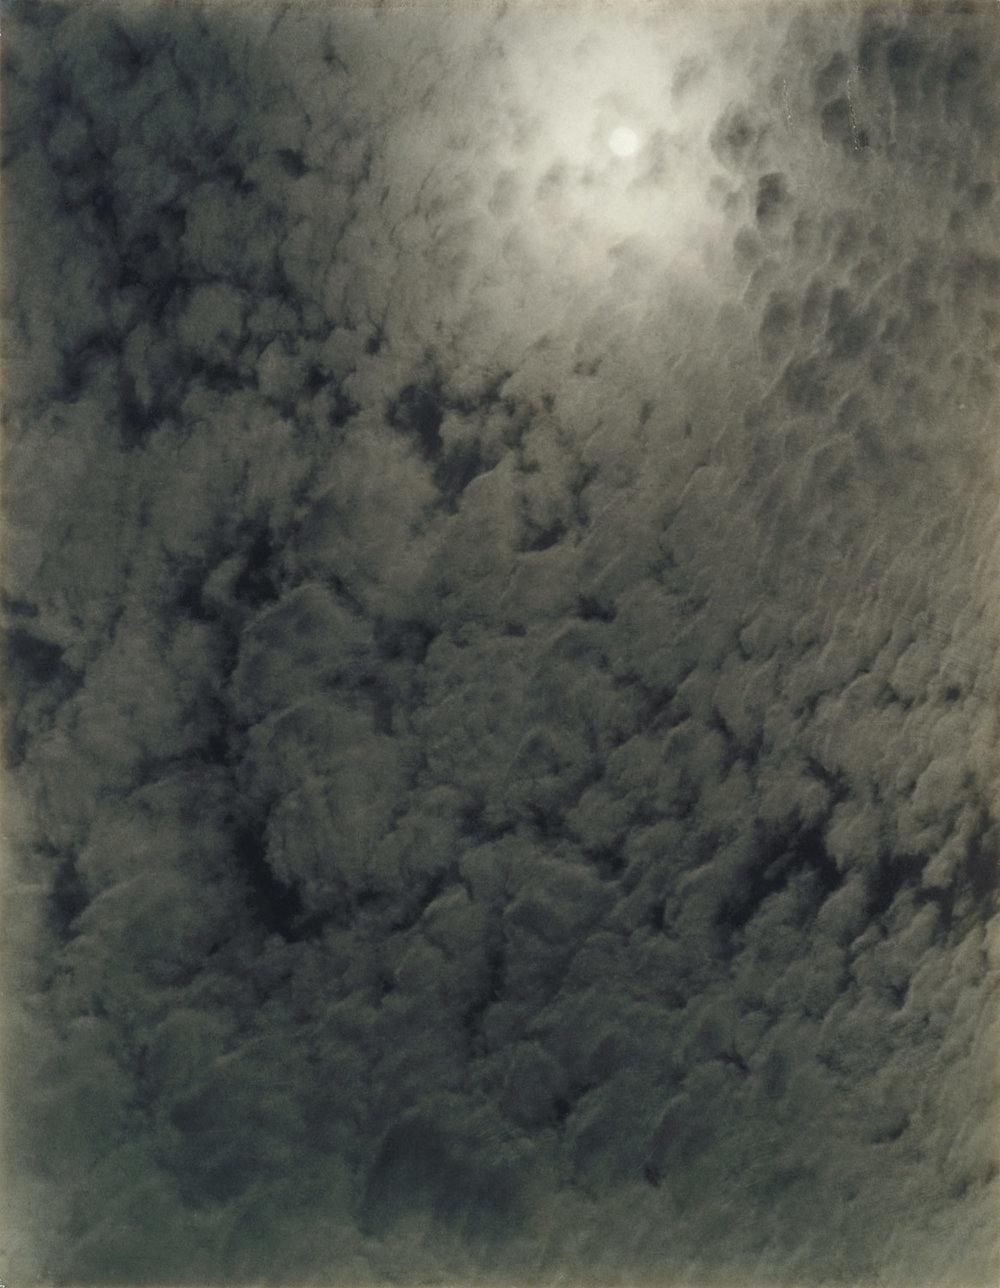 Alfred Stieglitz,  Equivalent  (1926)